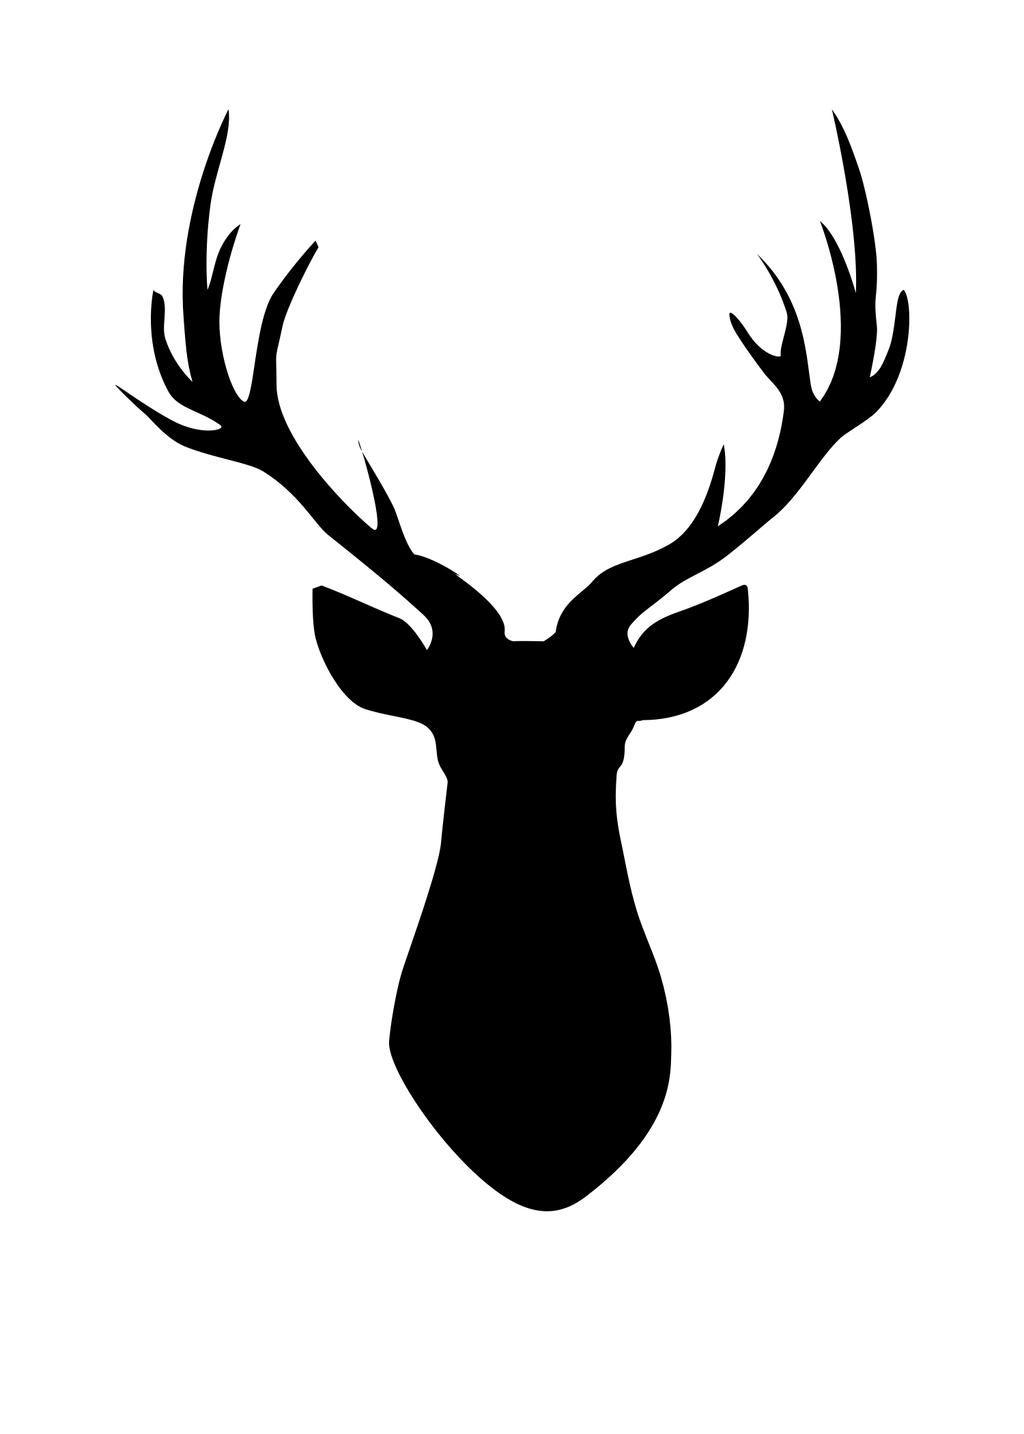 1024x1434 Deer Head Silhouette Graphics Deer Head Silhouette